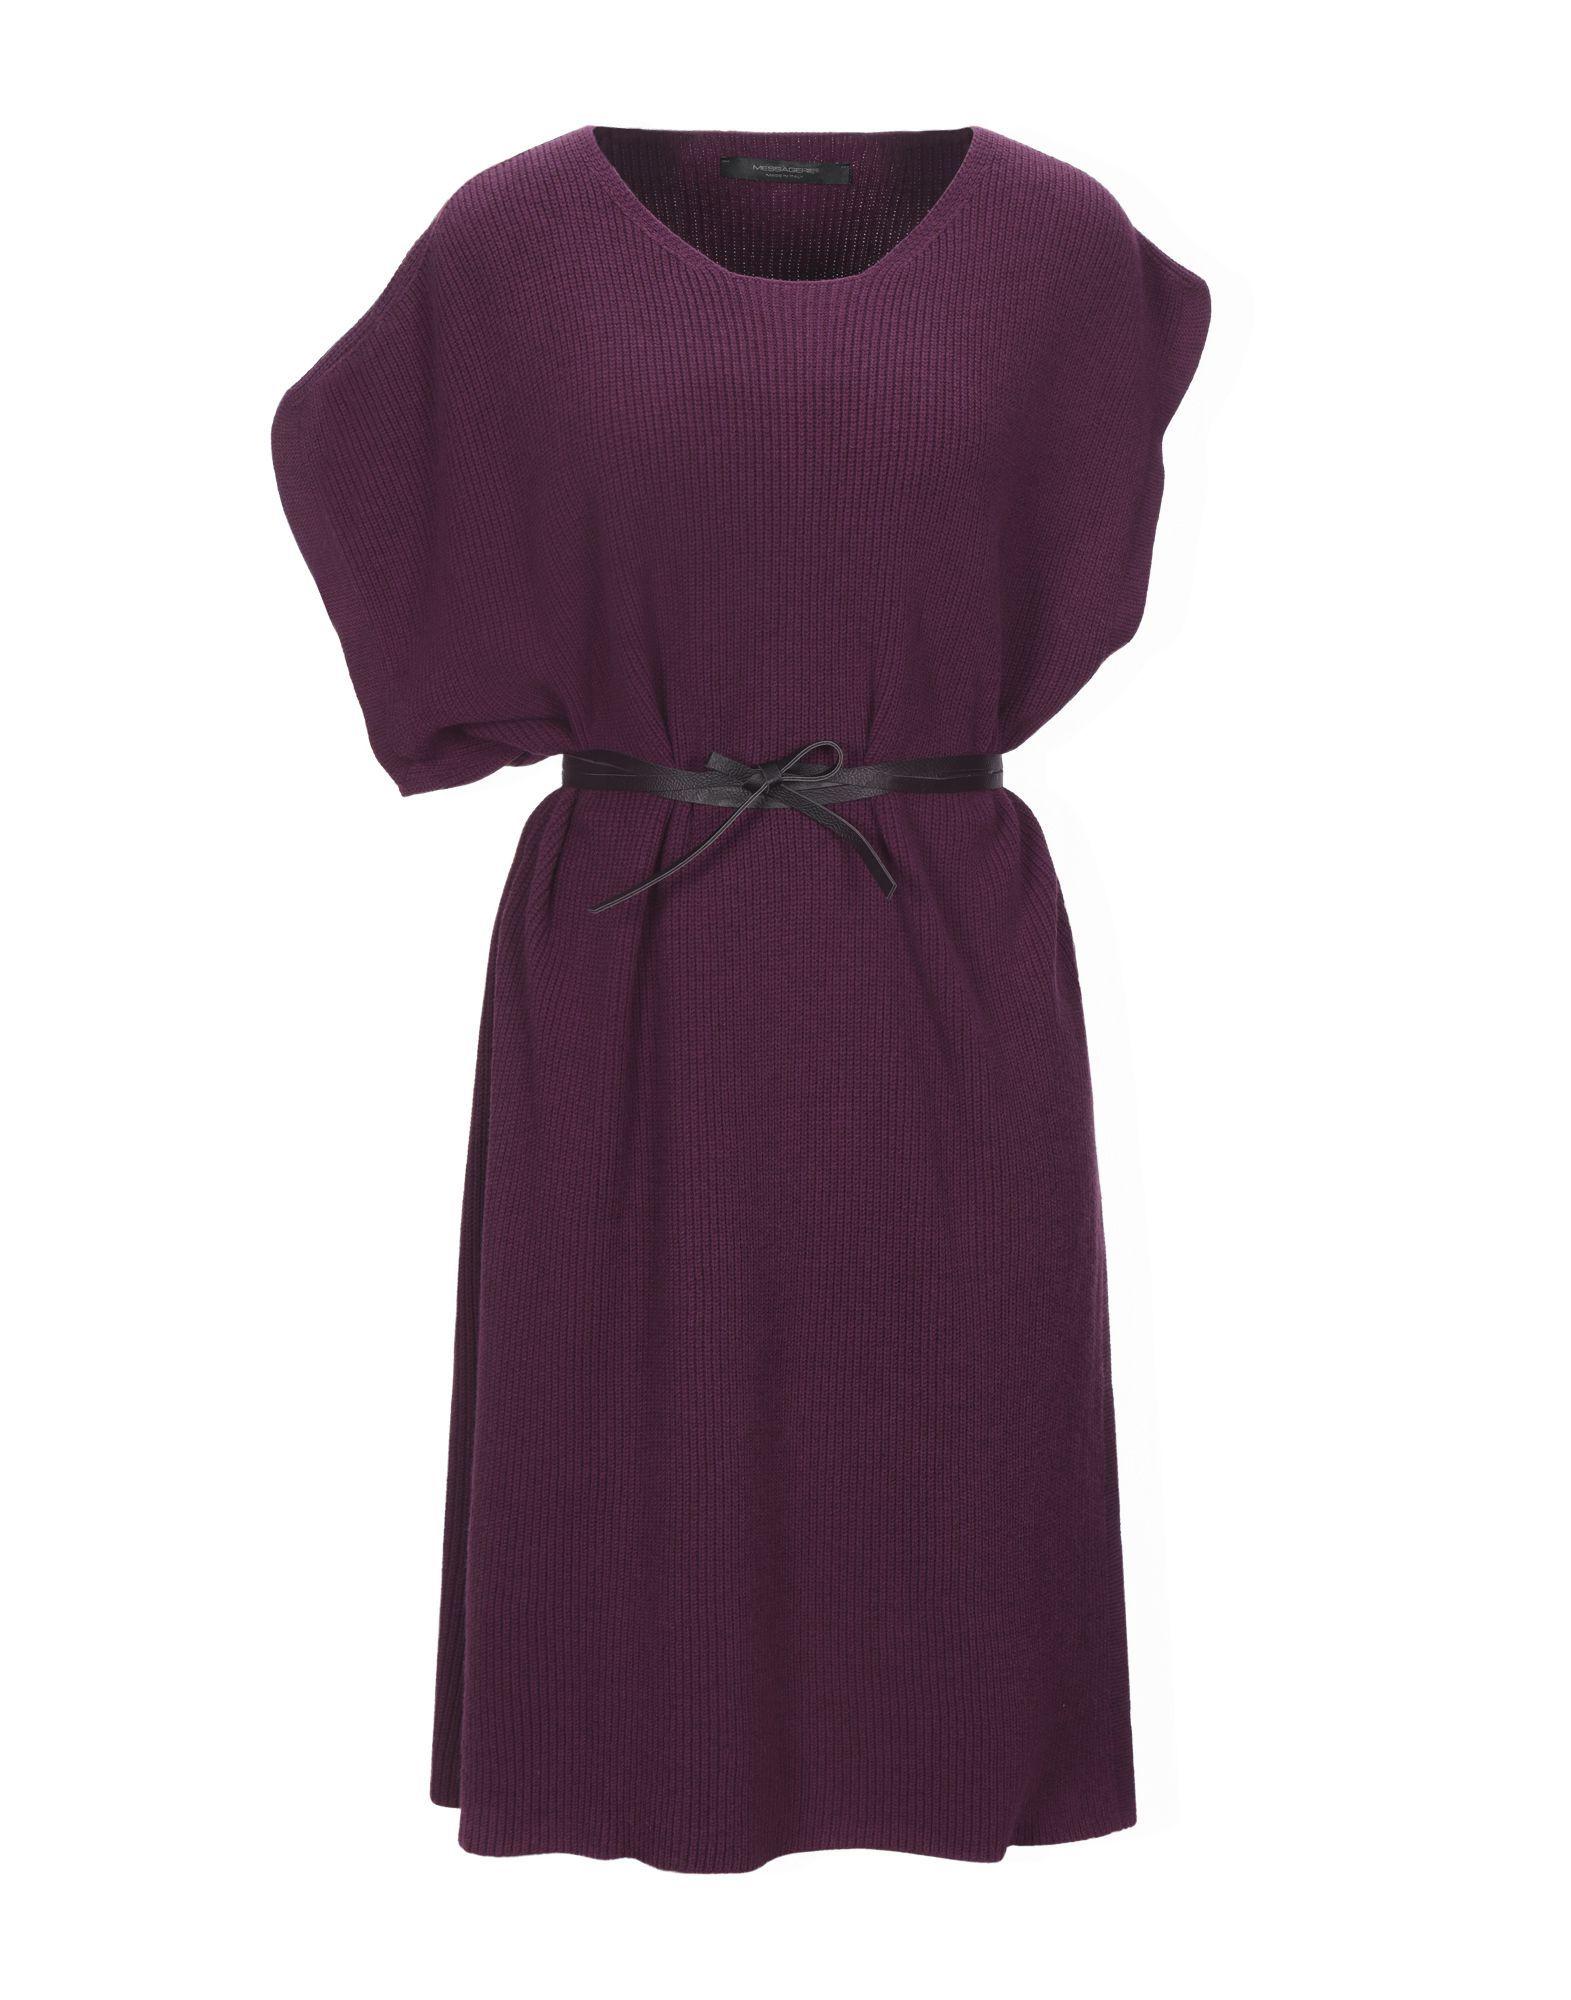 Messagerie Garnet Lightweight Cable Knit Belted Dress